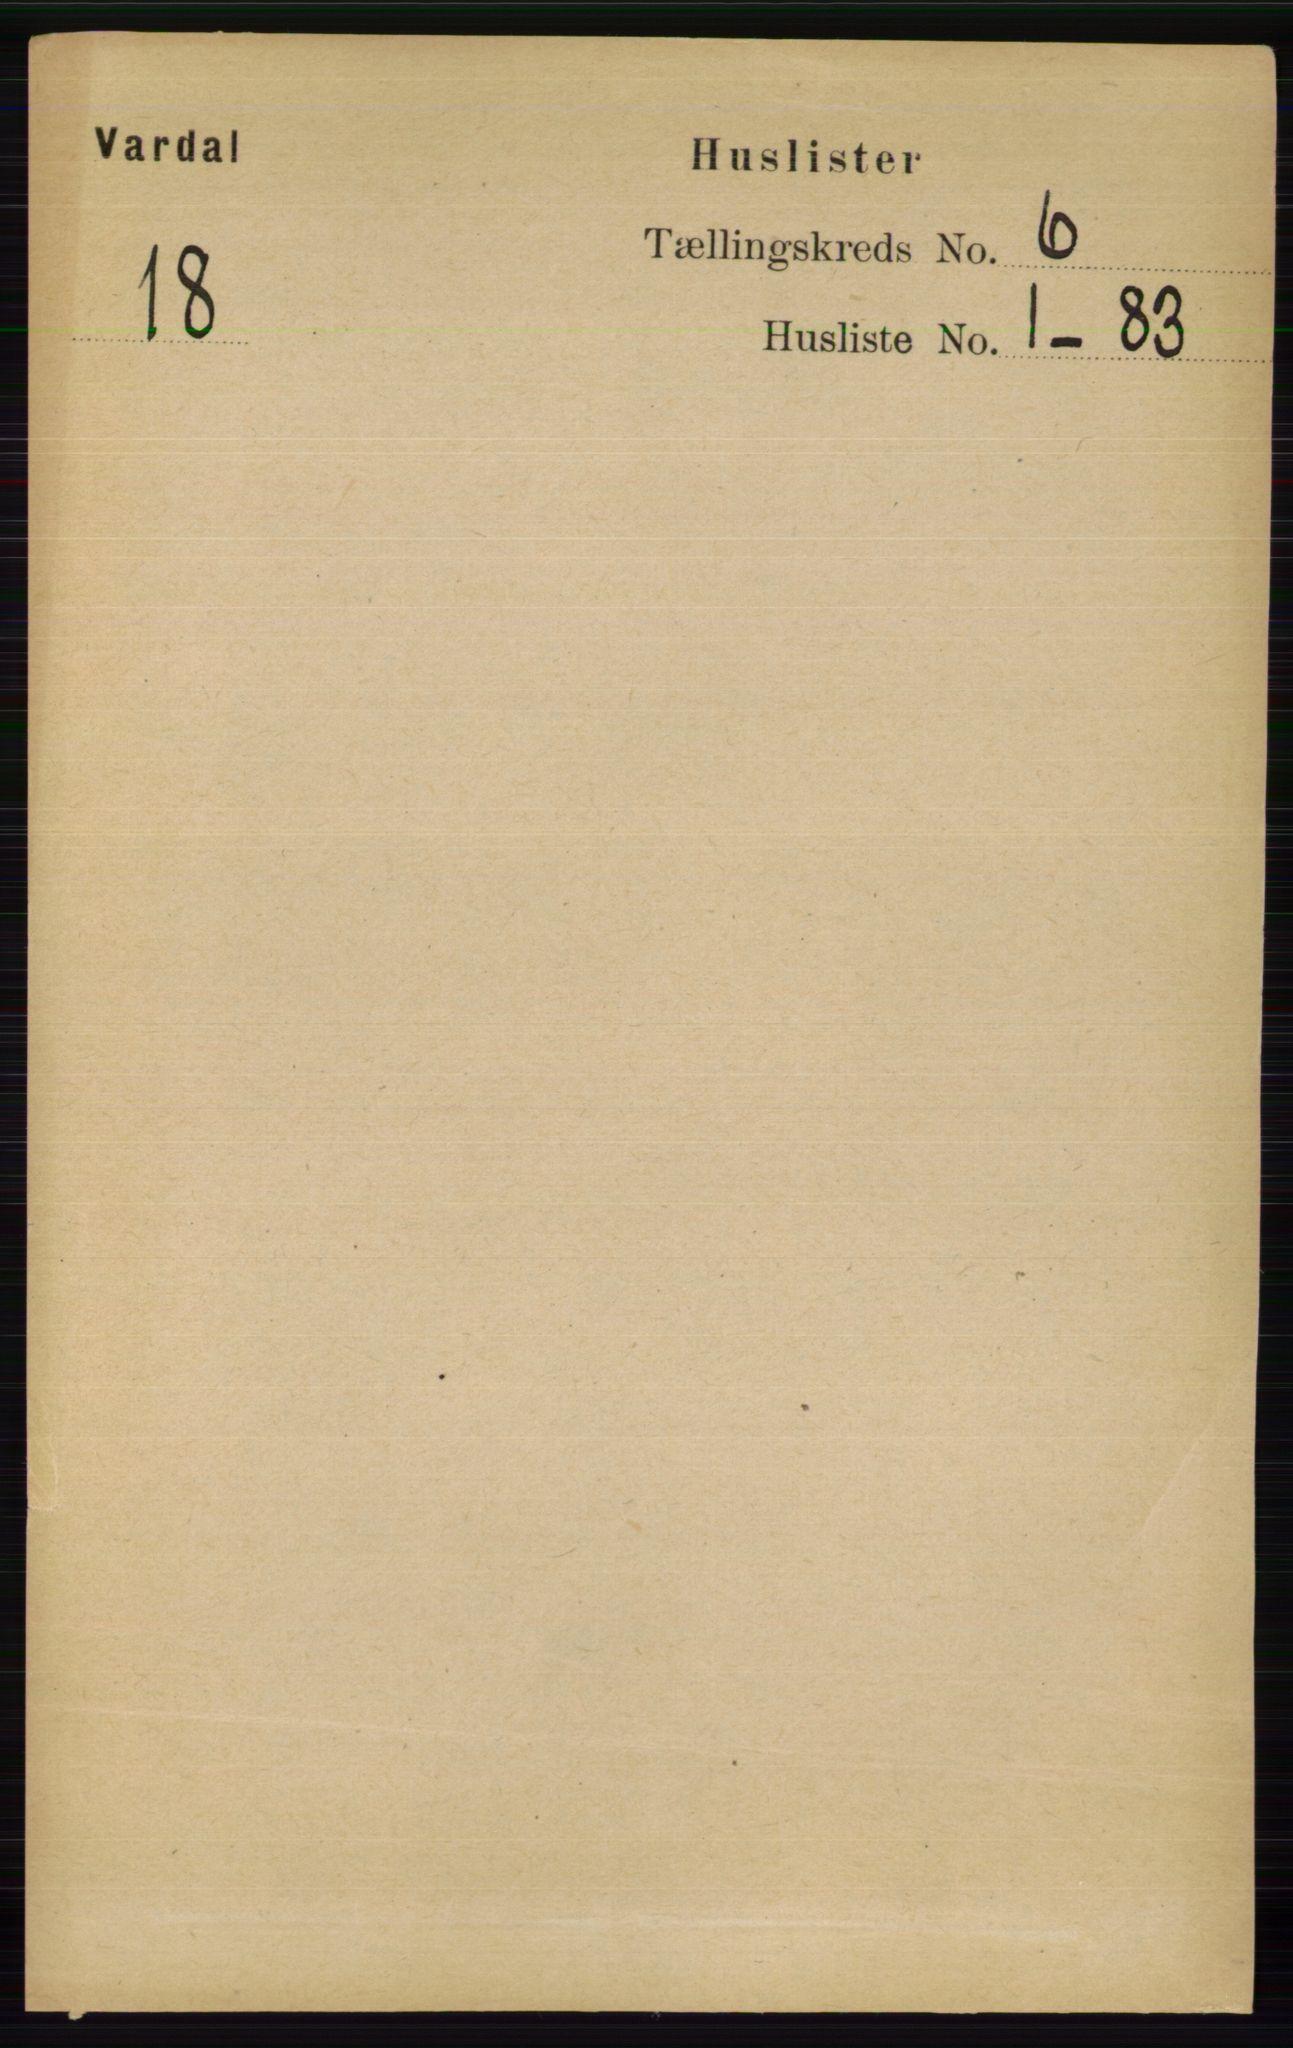 RA, Folketelling 1891 for 0527 Vardal herred, 1891, s. 2282